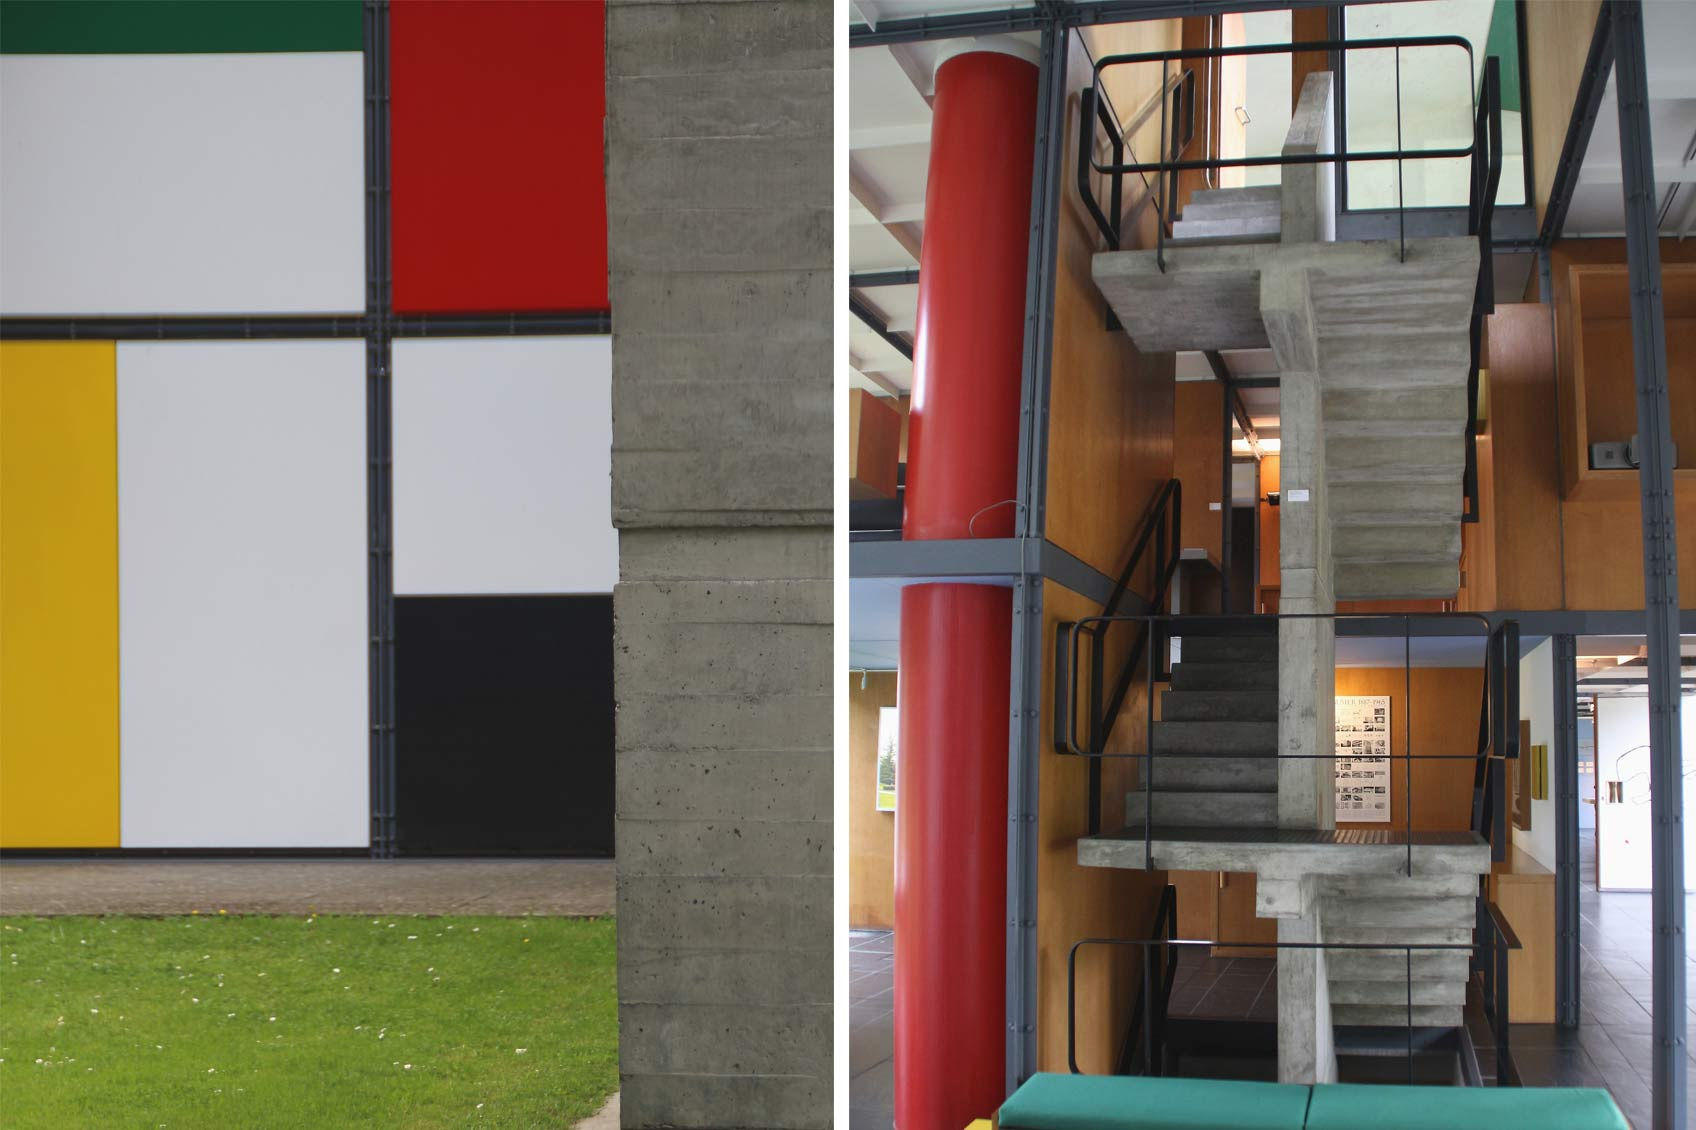 Der Pavillon Le Corbusier – Genesis eines Meisterwerks